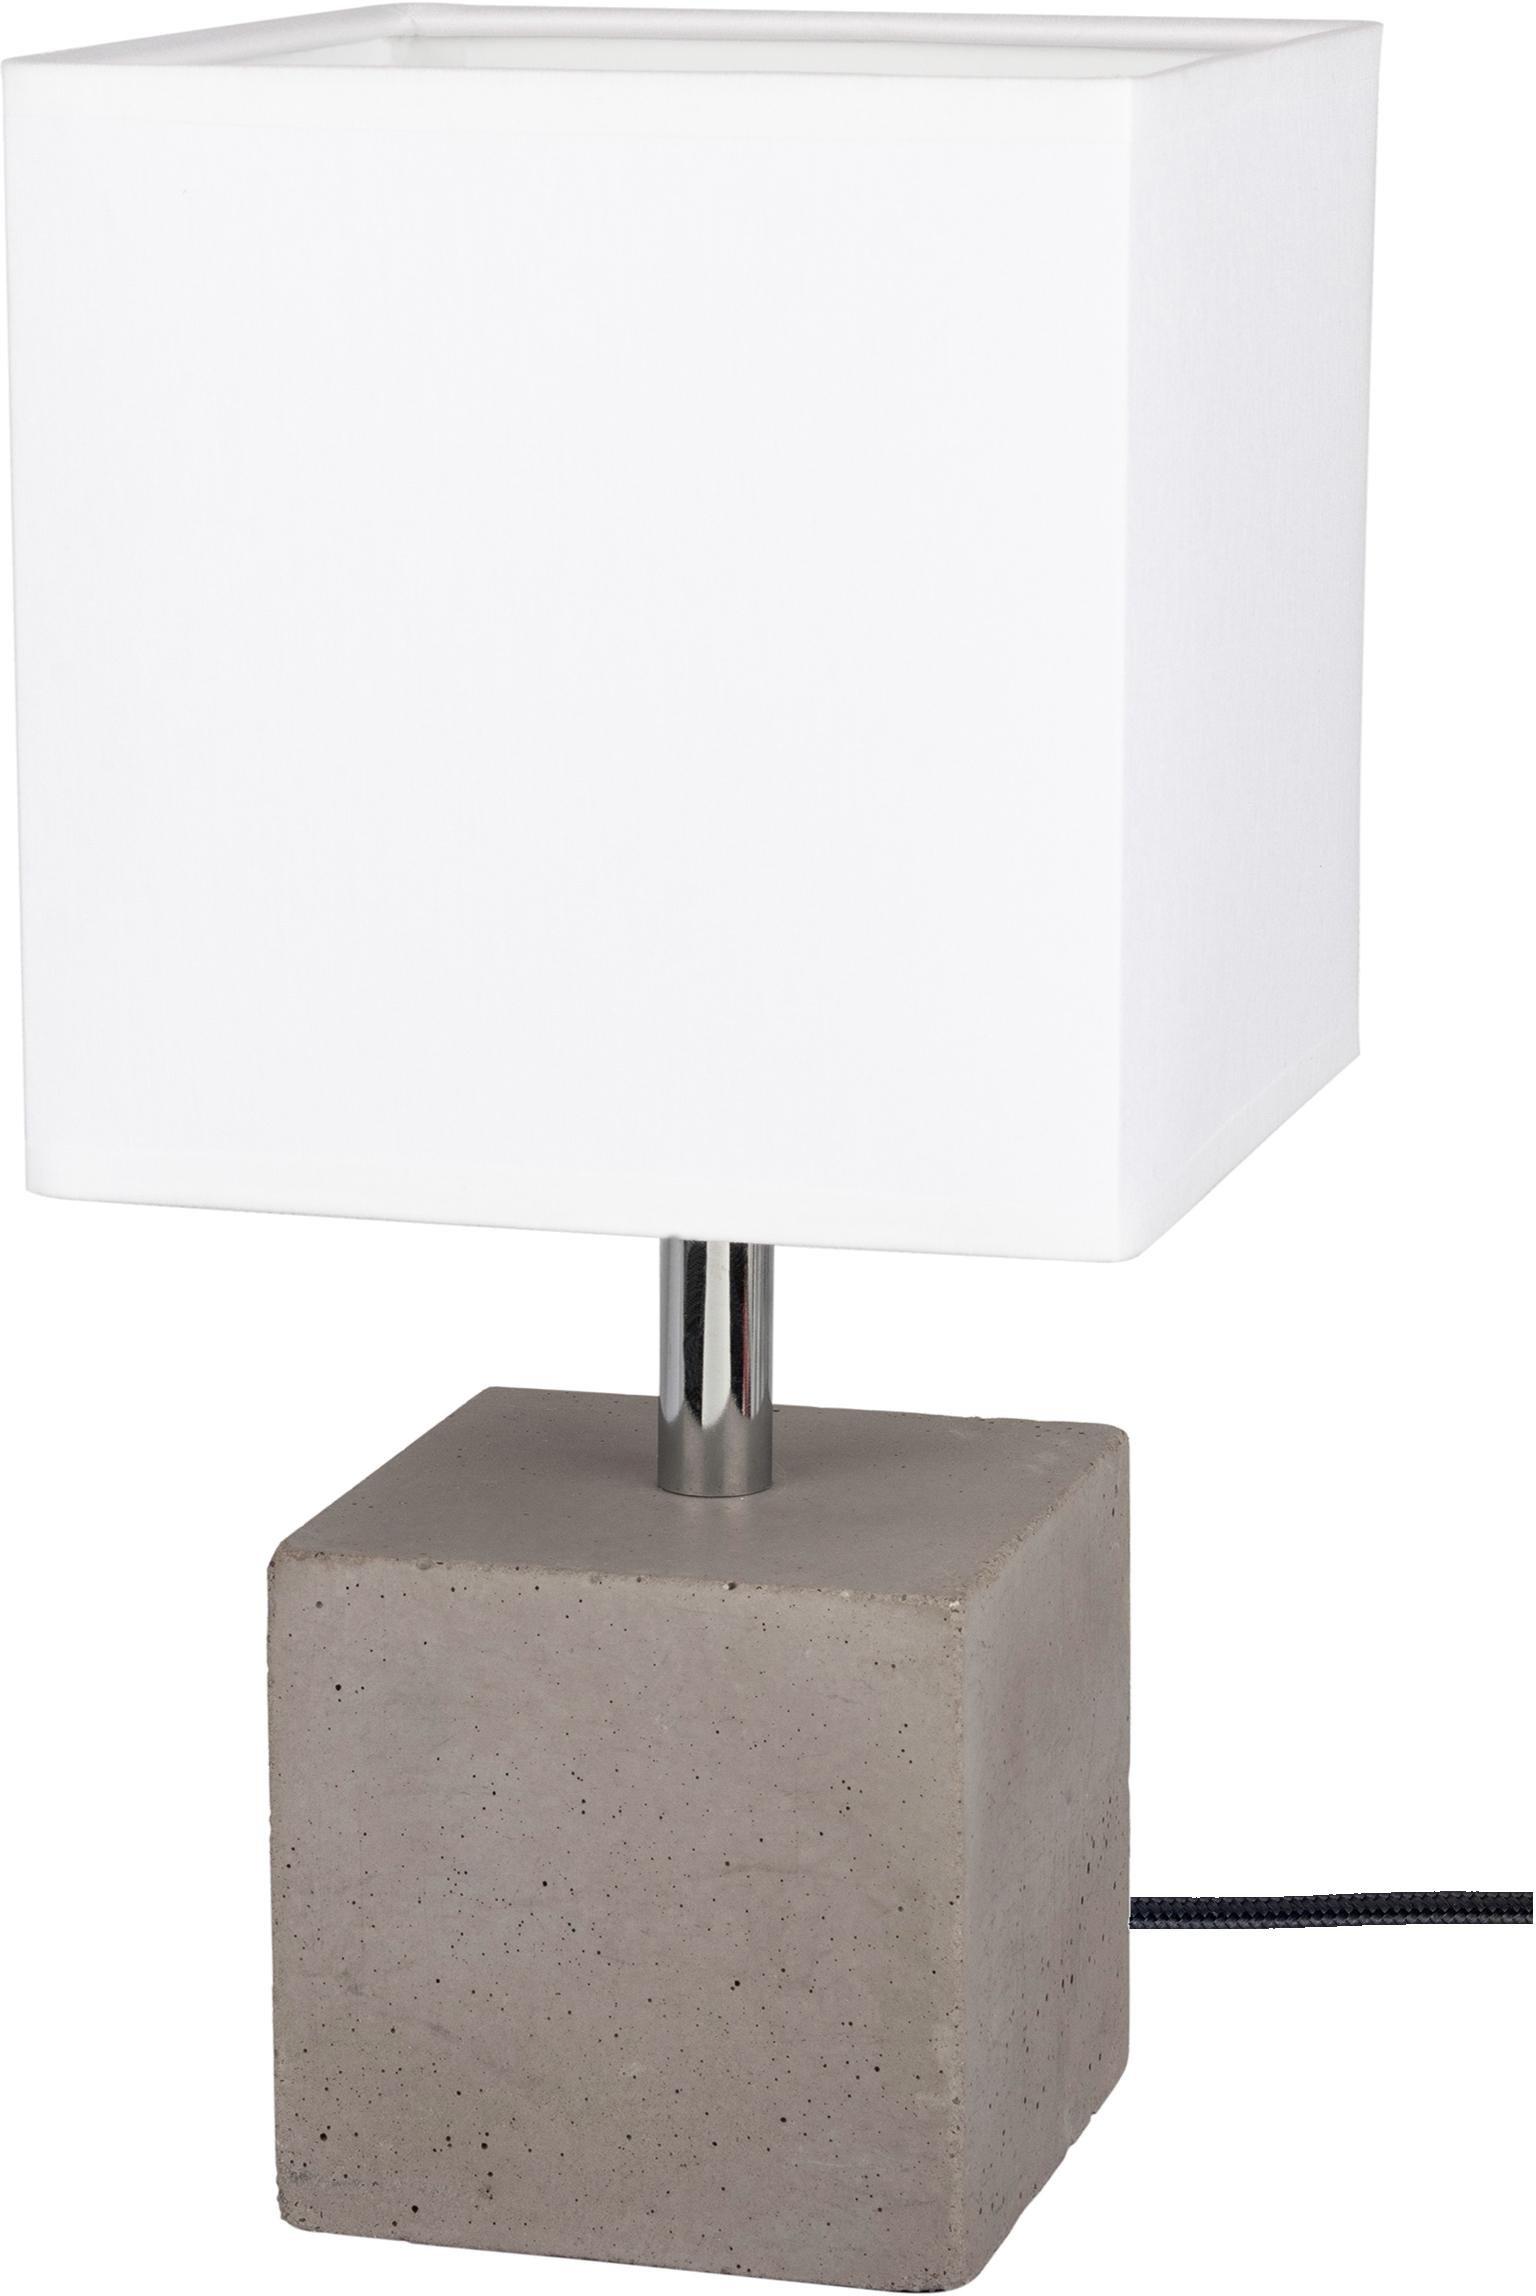 SPOT Light tafellamp »STRONG«, online kopen op otto.nl